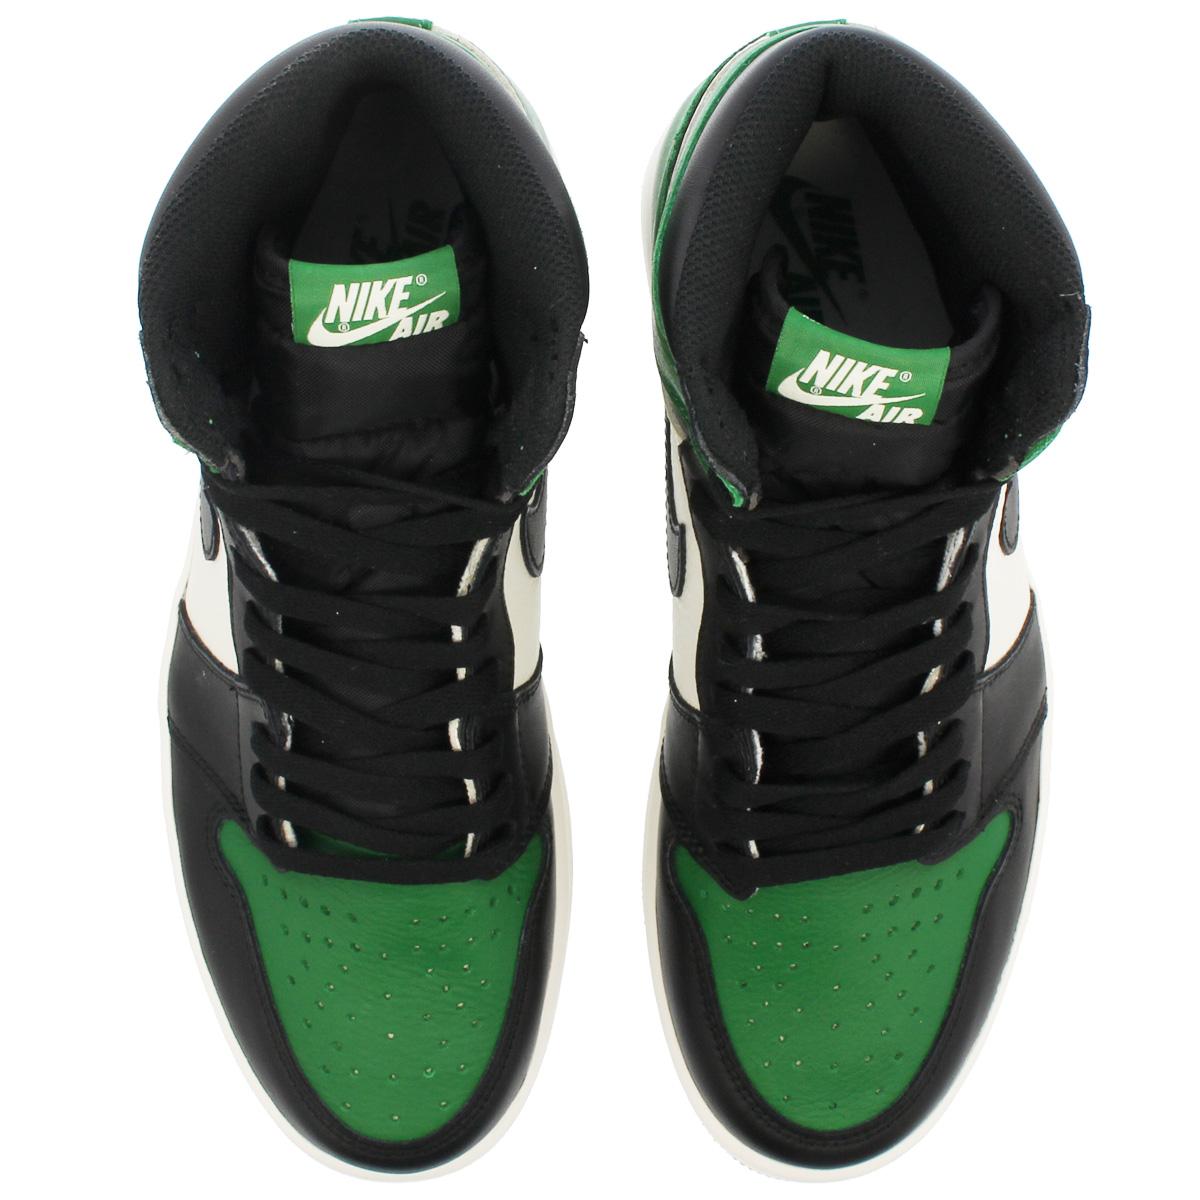 bb5d0ef204f ... NIKE AIR JORDAN 1 RETRO HIGH OG Nike Air Jordan 1 nostalgic high OG  PINE GREEN ...